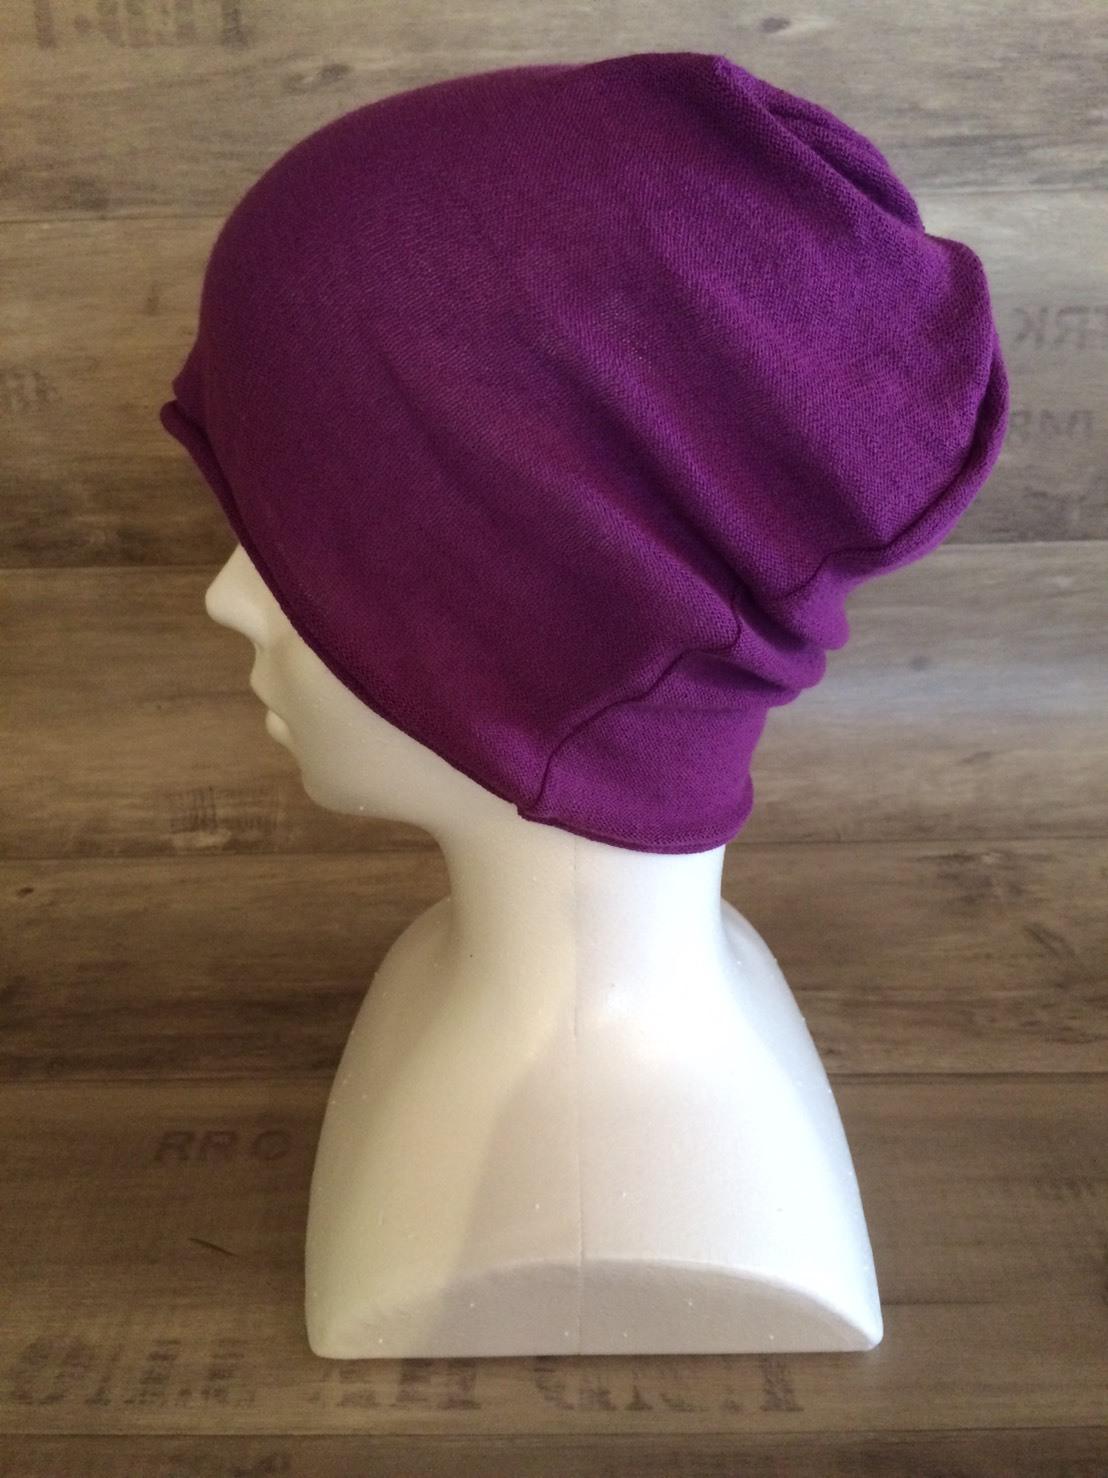 【送料無料】こころが軽くなるニット帽子amuamu|新潟の老舗ニットメーカーが考案した抗がん治療中の脱毛ストレスを軽減する機能性と豊富なデザイン NB-6060|京紫(きょうむらさき)